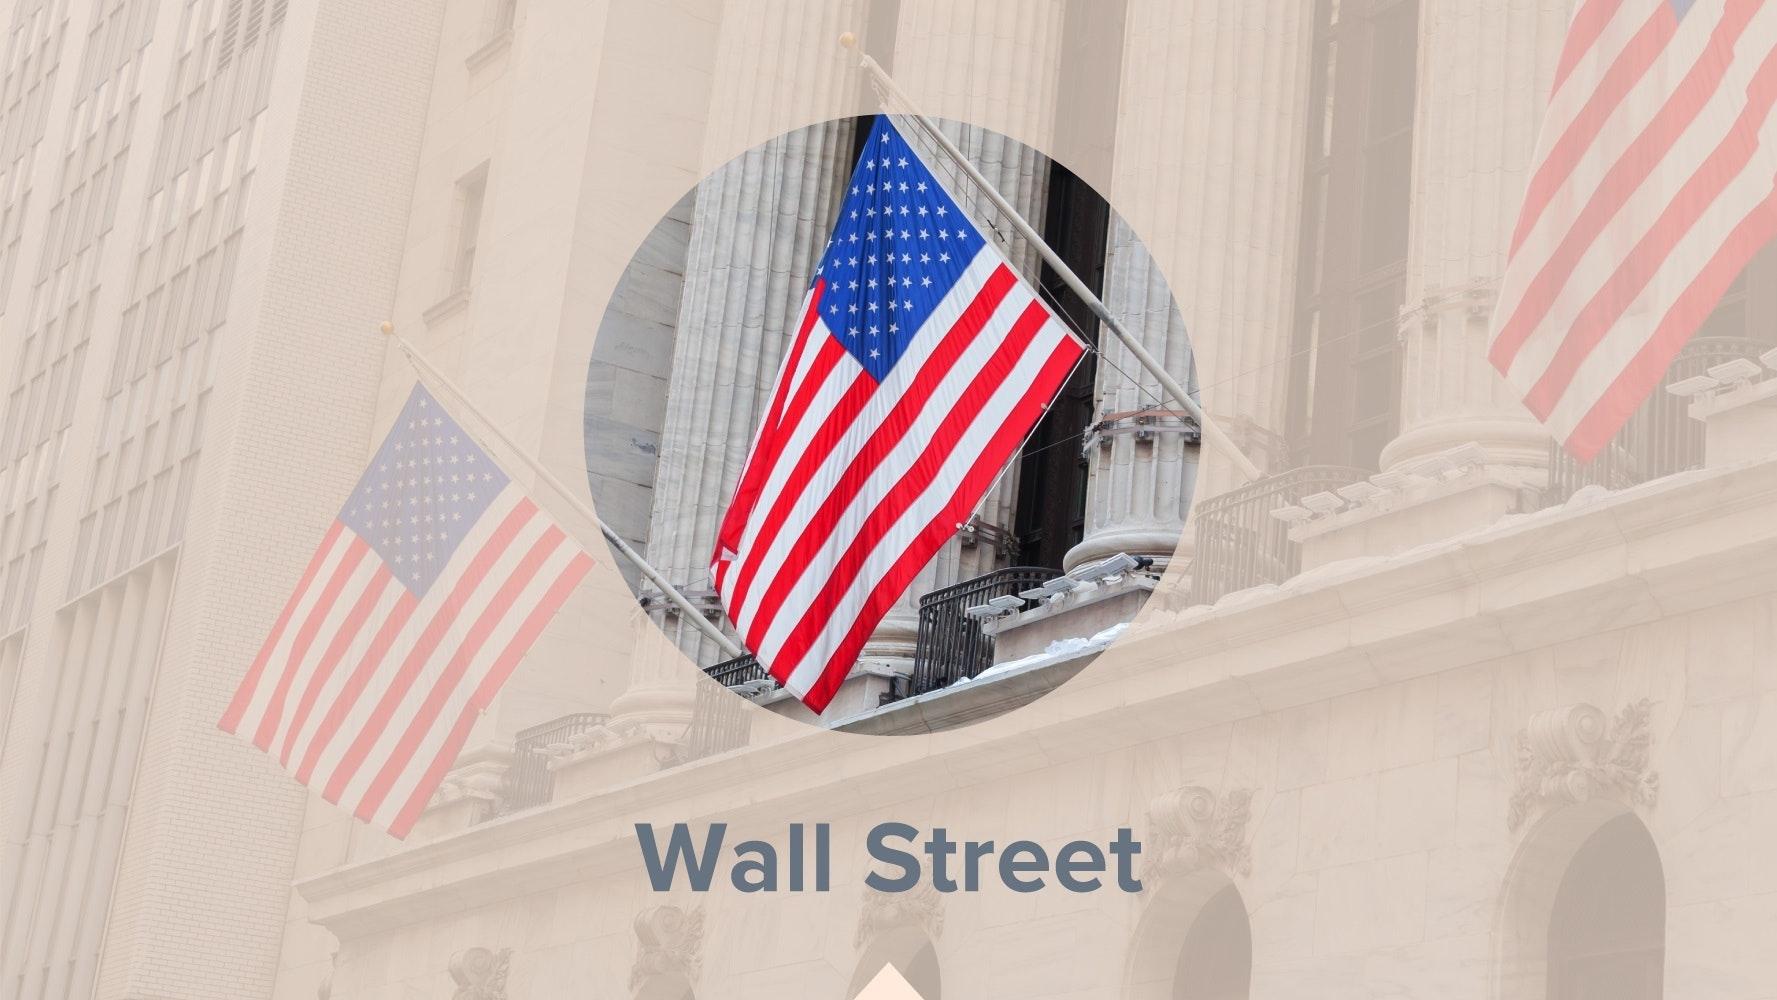 Wall Street opent lager door escalatie handelsconflict